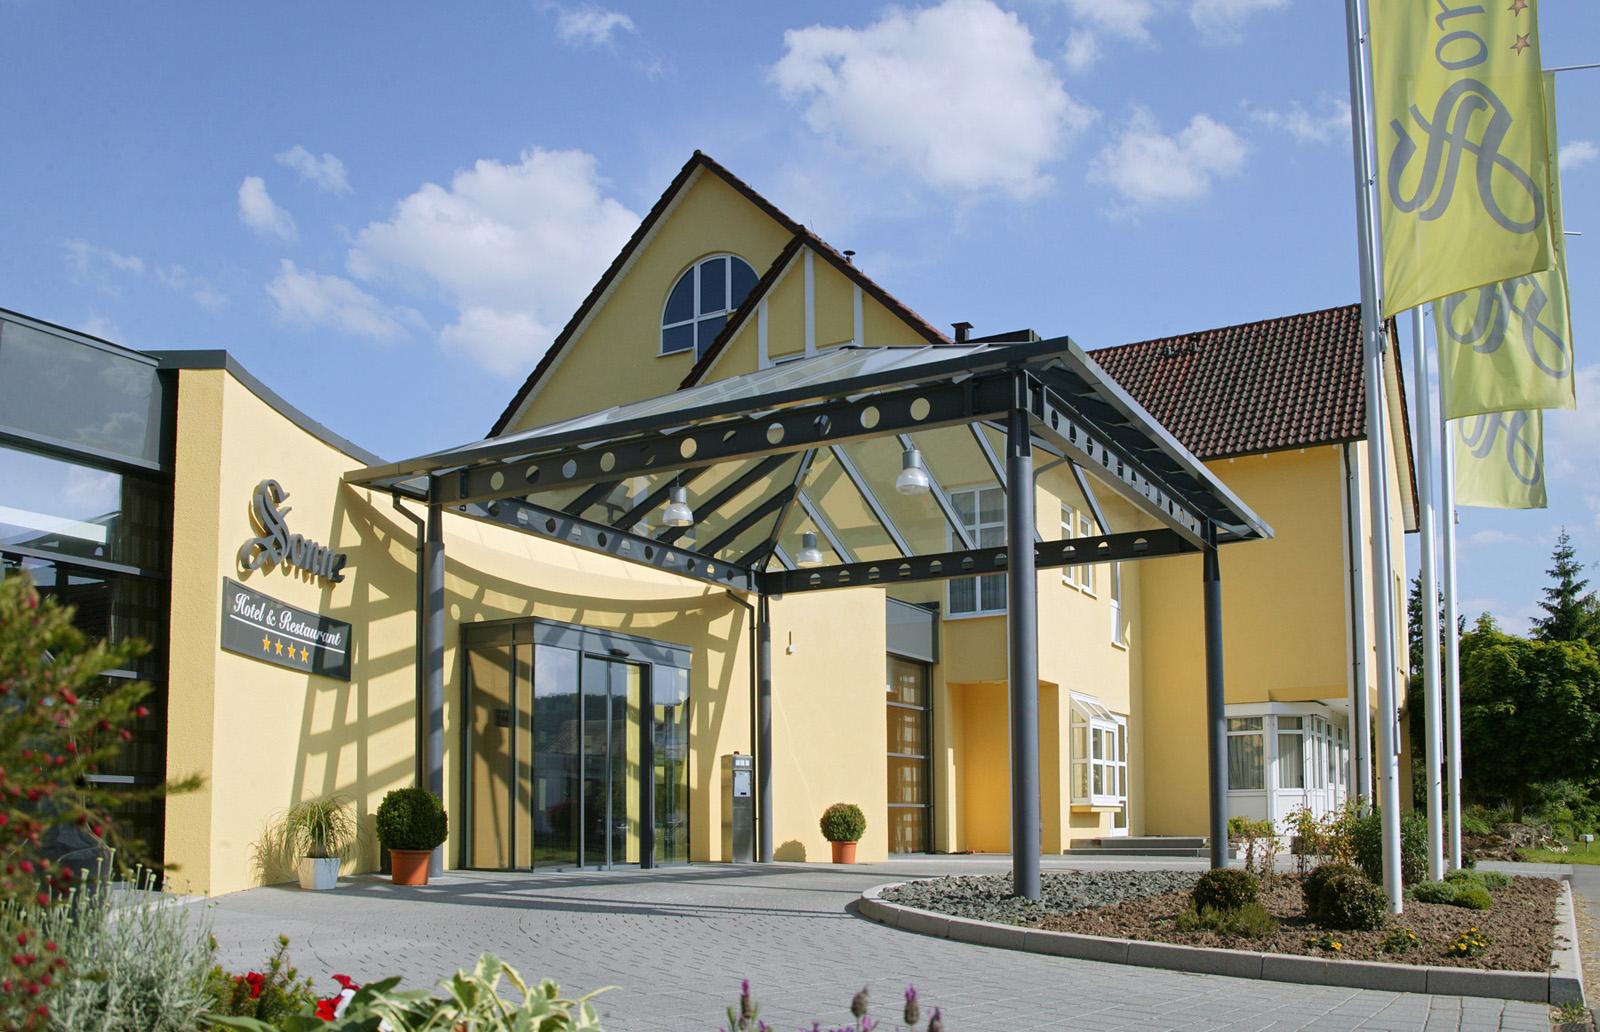 Aussenaufnahme - Hotel Sonne, Rudersberg/schlechtbach